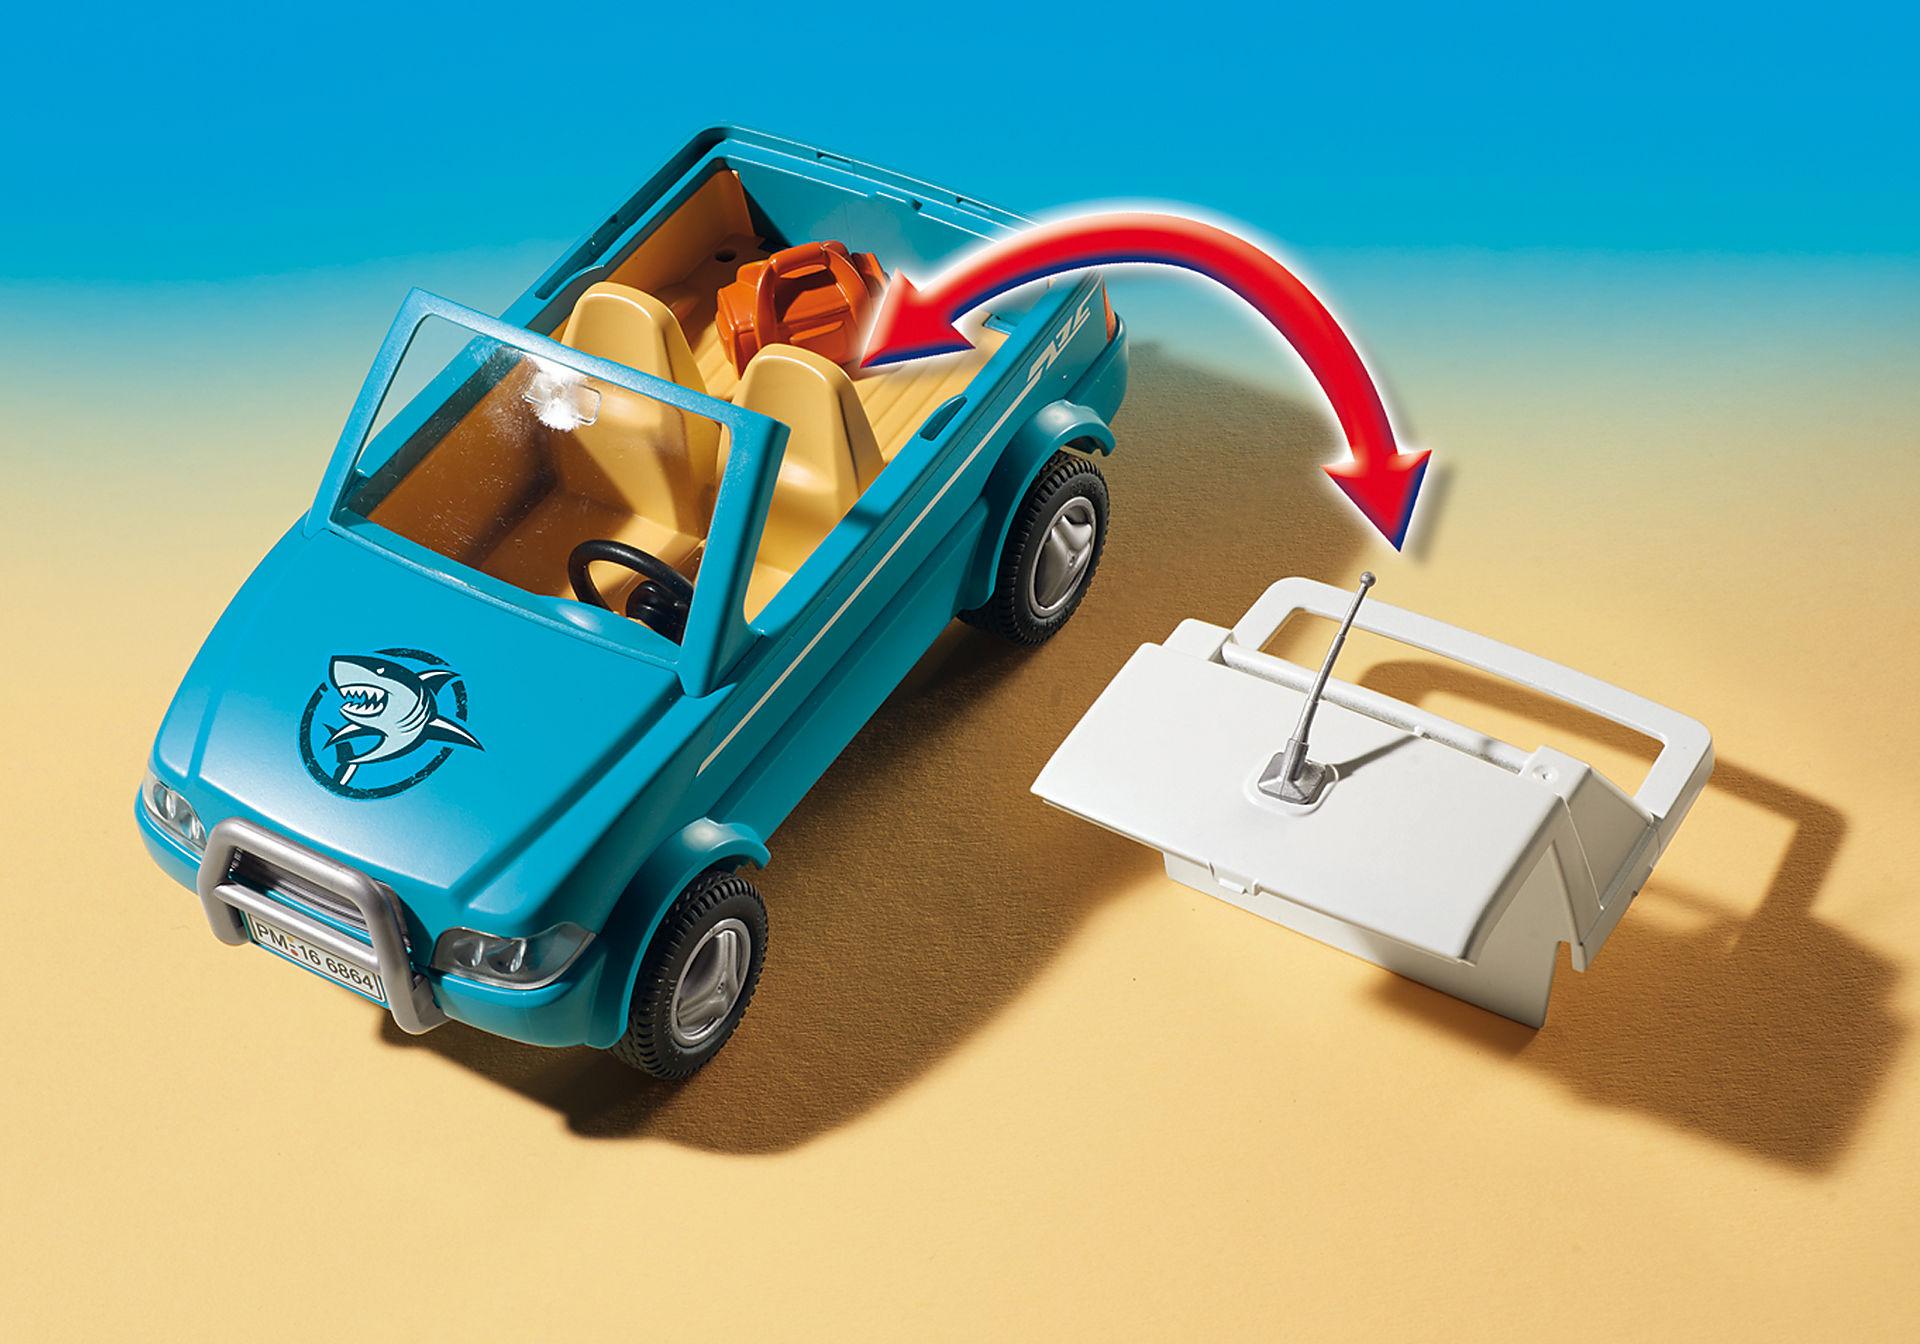 http://media.playmobil.com/i/playmobil/6864_product_extra1/Pick-up com barco